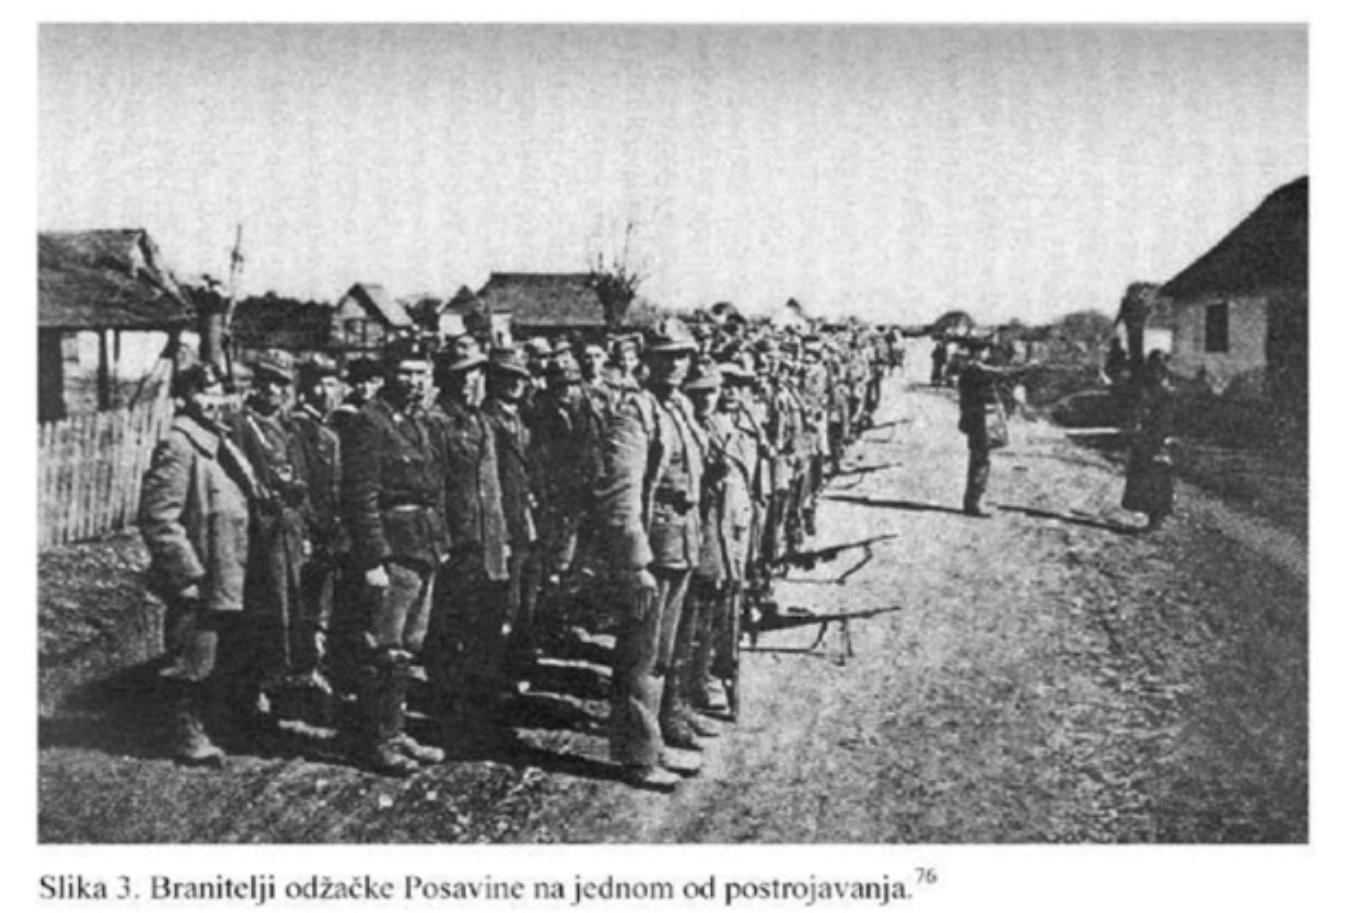 Malo Je Poznato Da Se Posljednja Bitka II Svjetskog Rata Vodila Za Hrvatsko Mjesto Odak U Bosanskoj Posavini